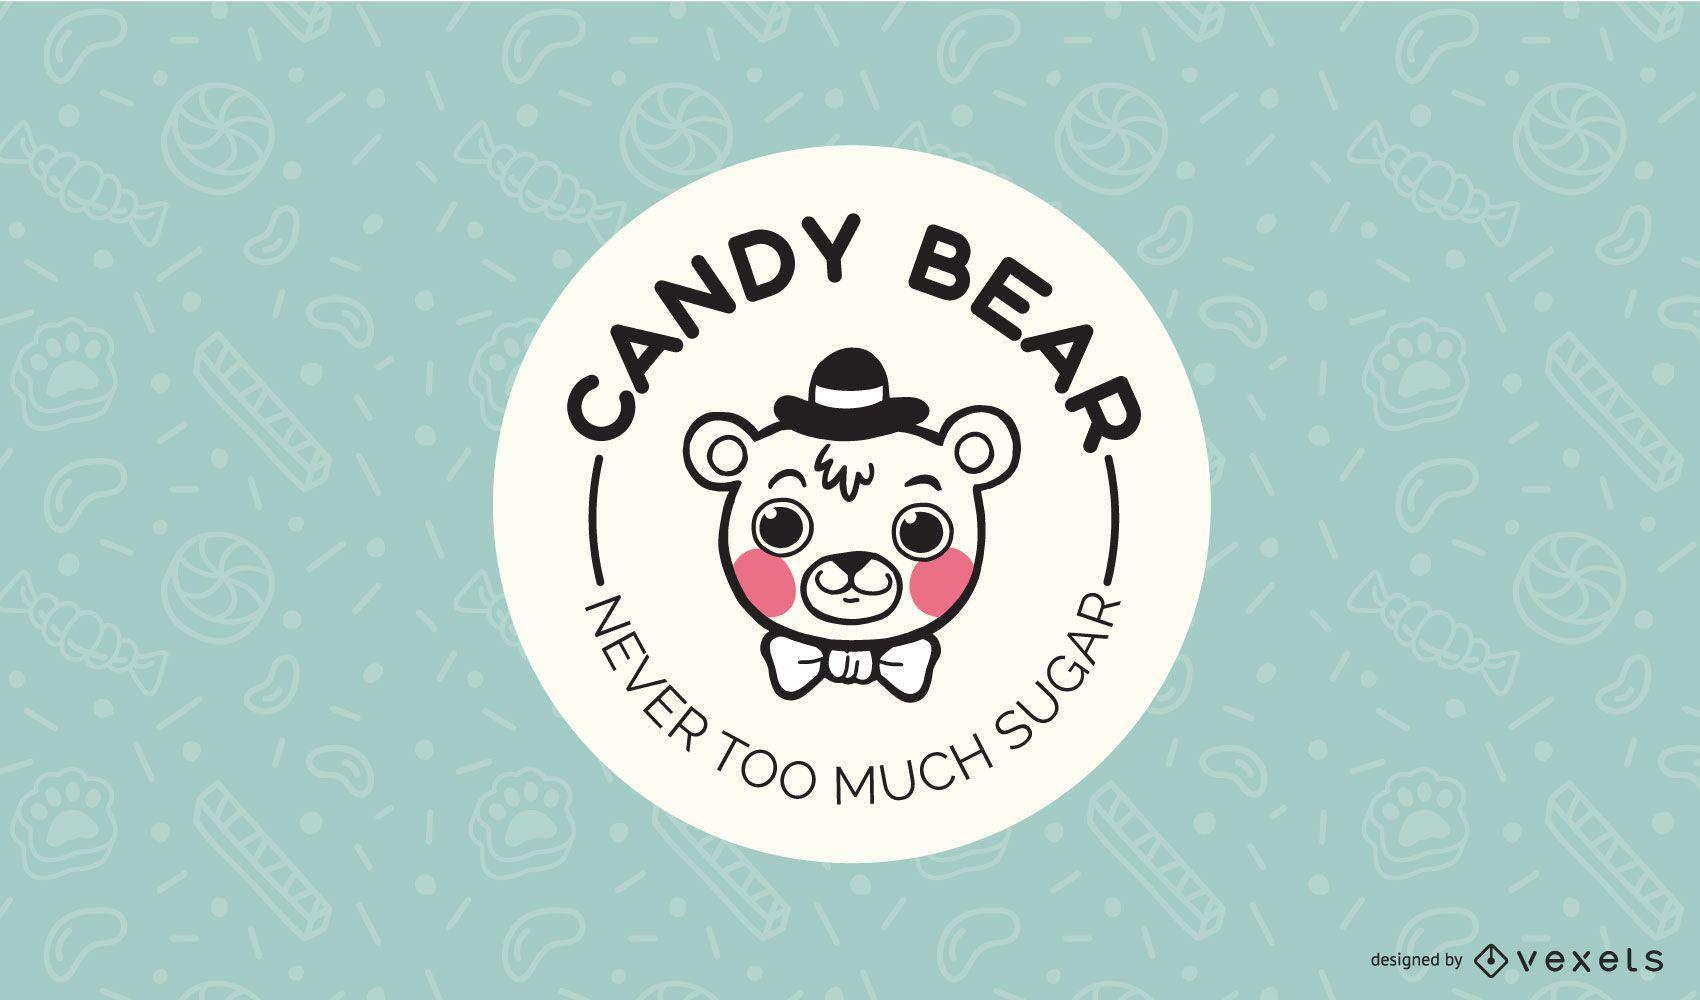 Modelo de design de logotipo Candy Bear